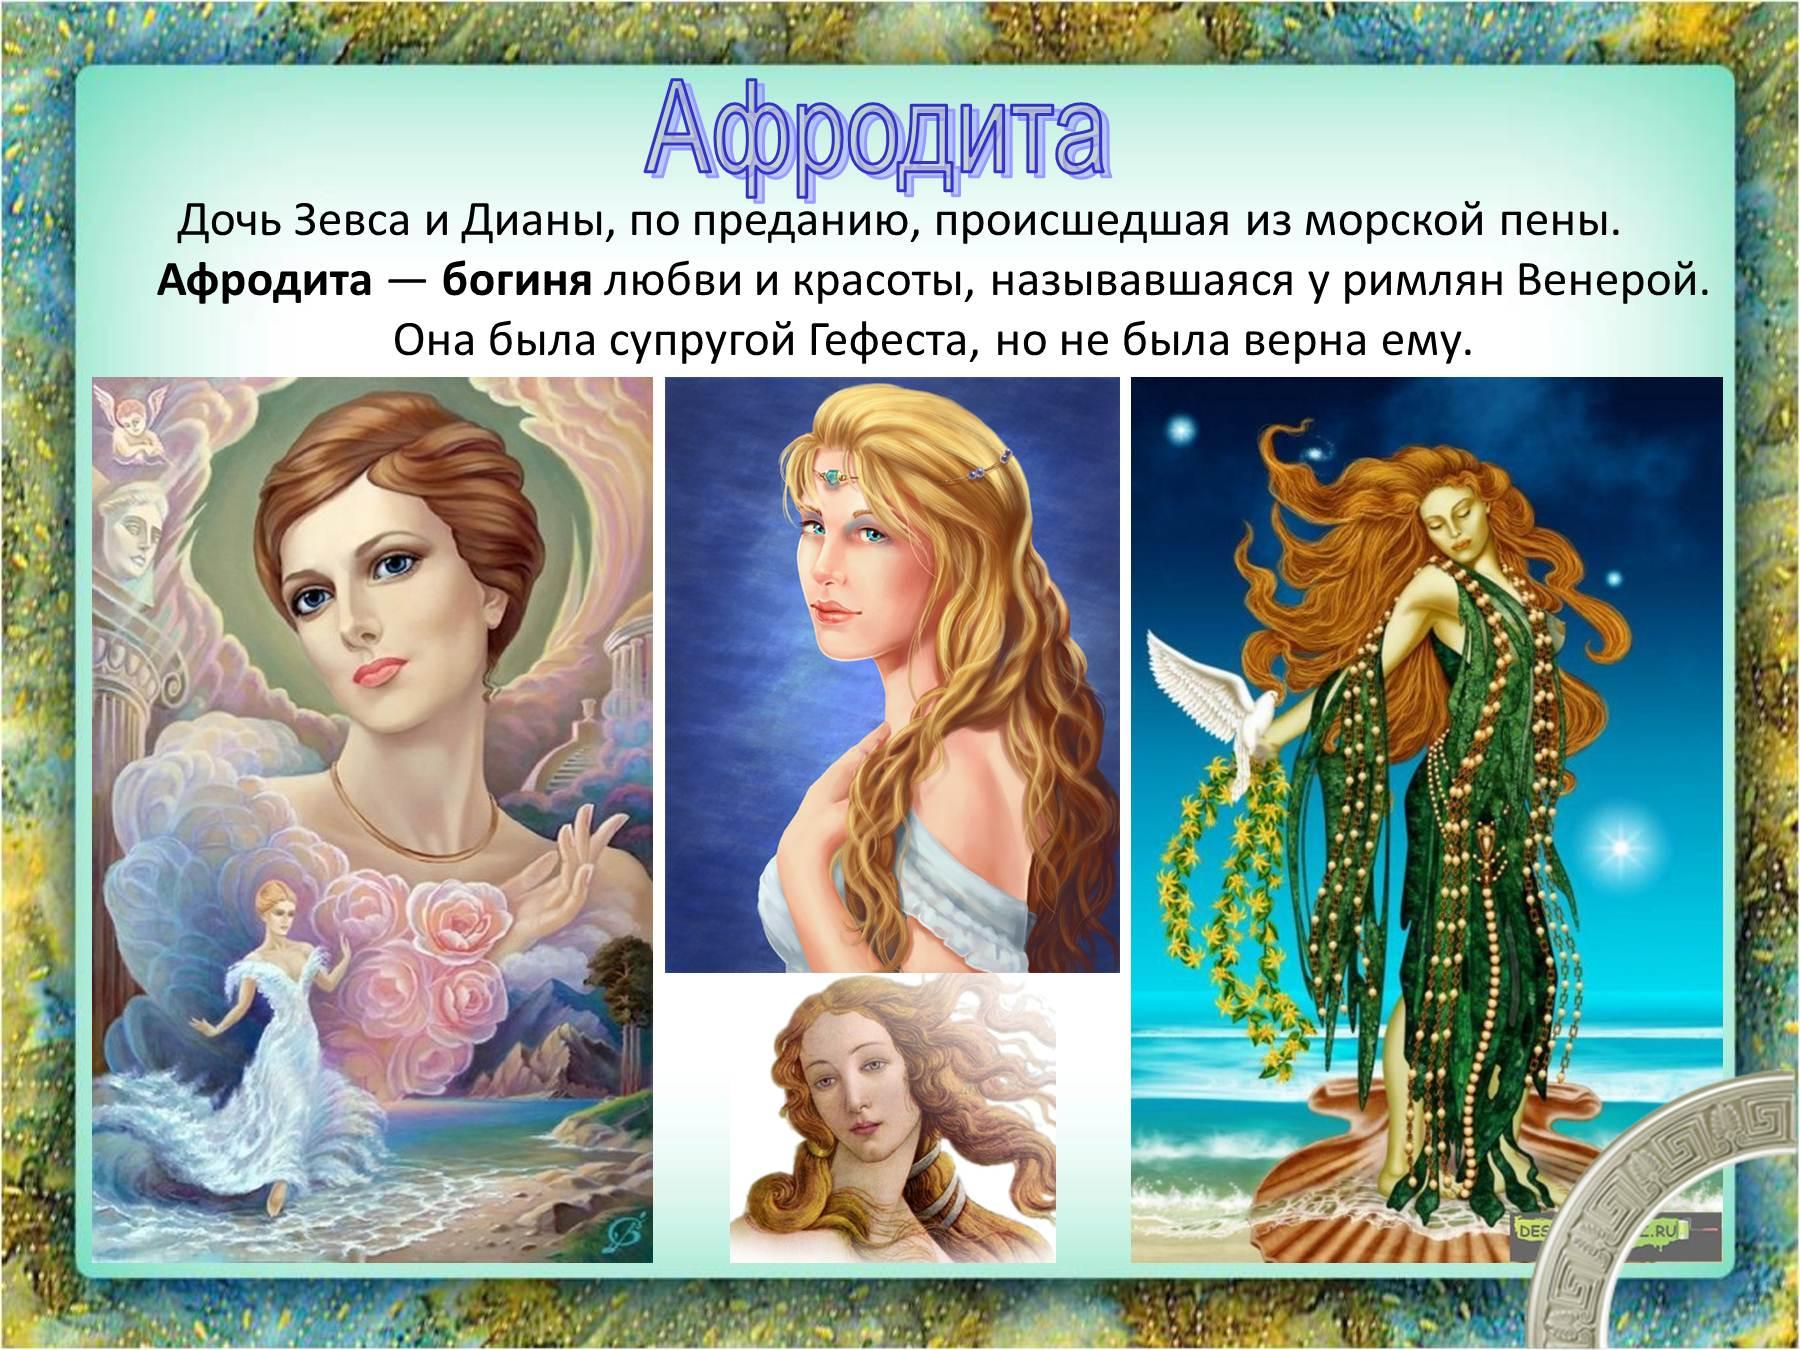 Расказы о мифах, Мифы древней греции 13 фотография